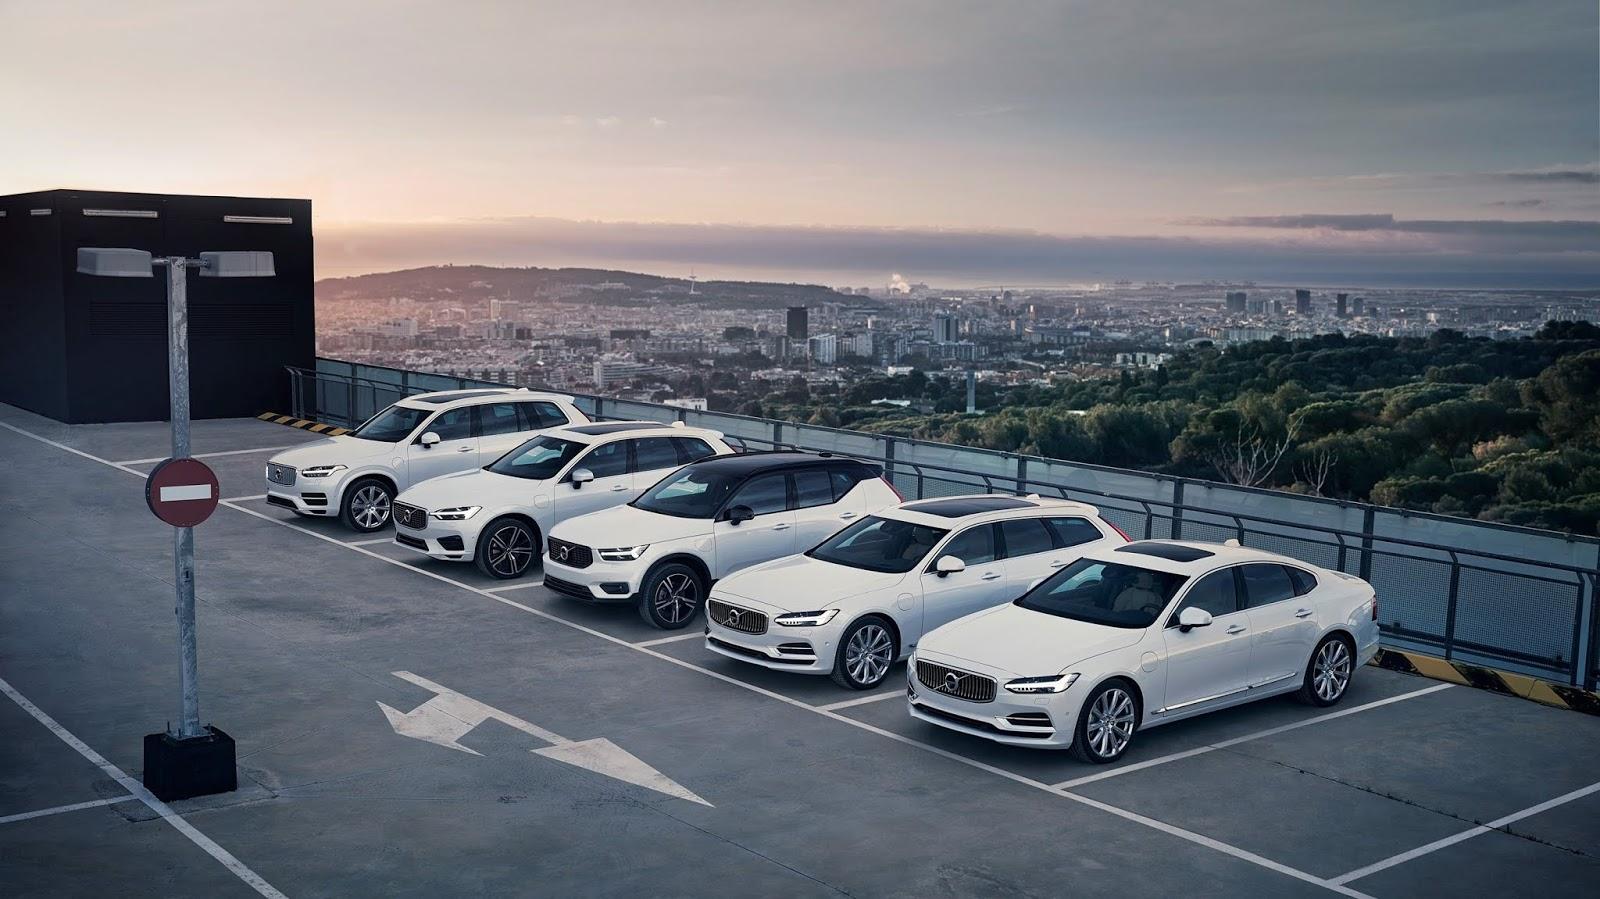 2018: Άλλη μία χρονιά ρεκόρ για τη Volvo, στην Ελλάδα και παγκοσμίως